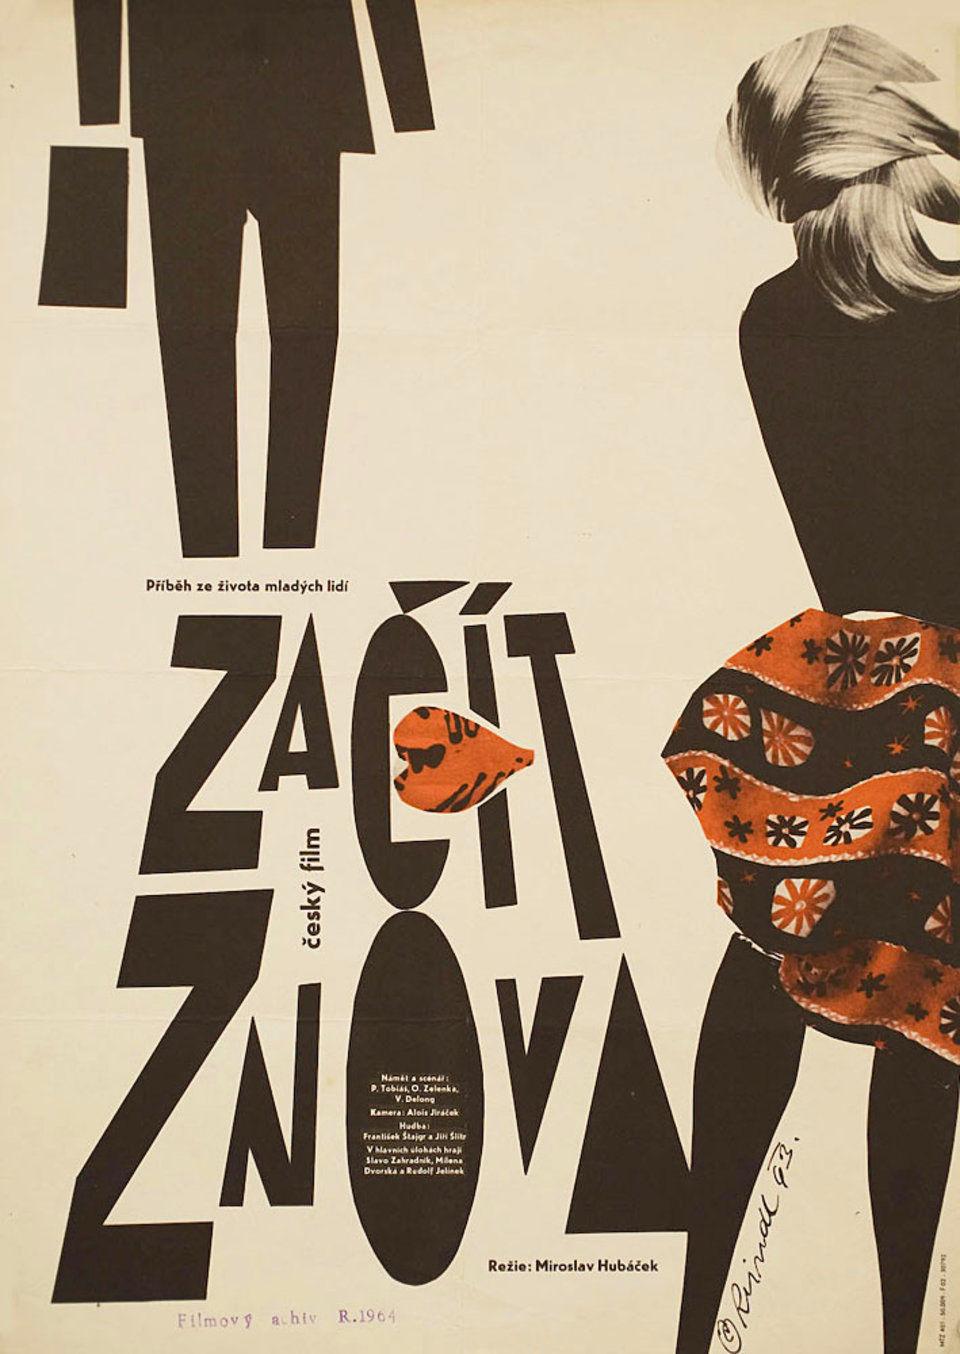 a-fresh-start-1964-original-czech-movie-poster